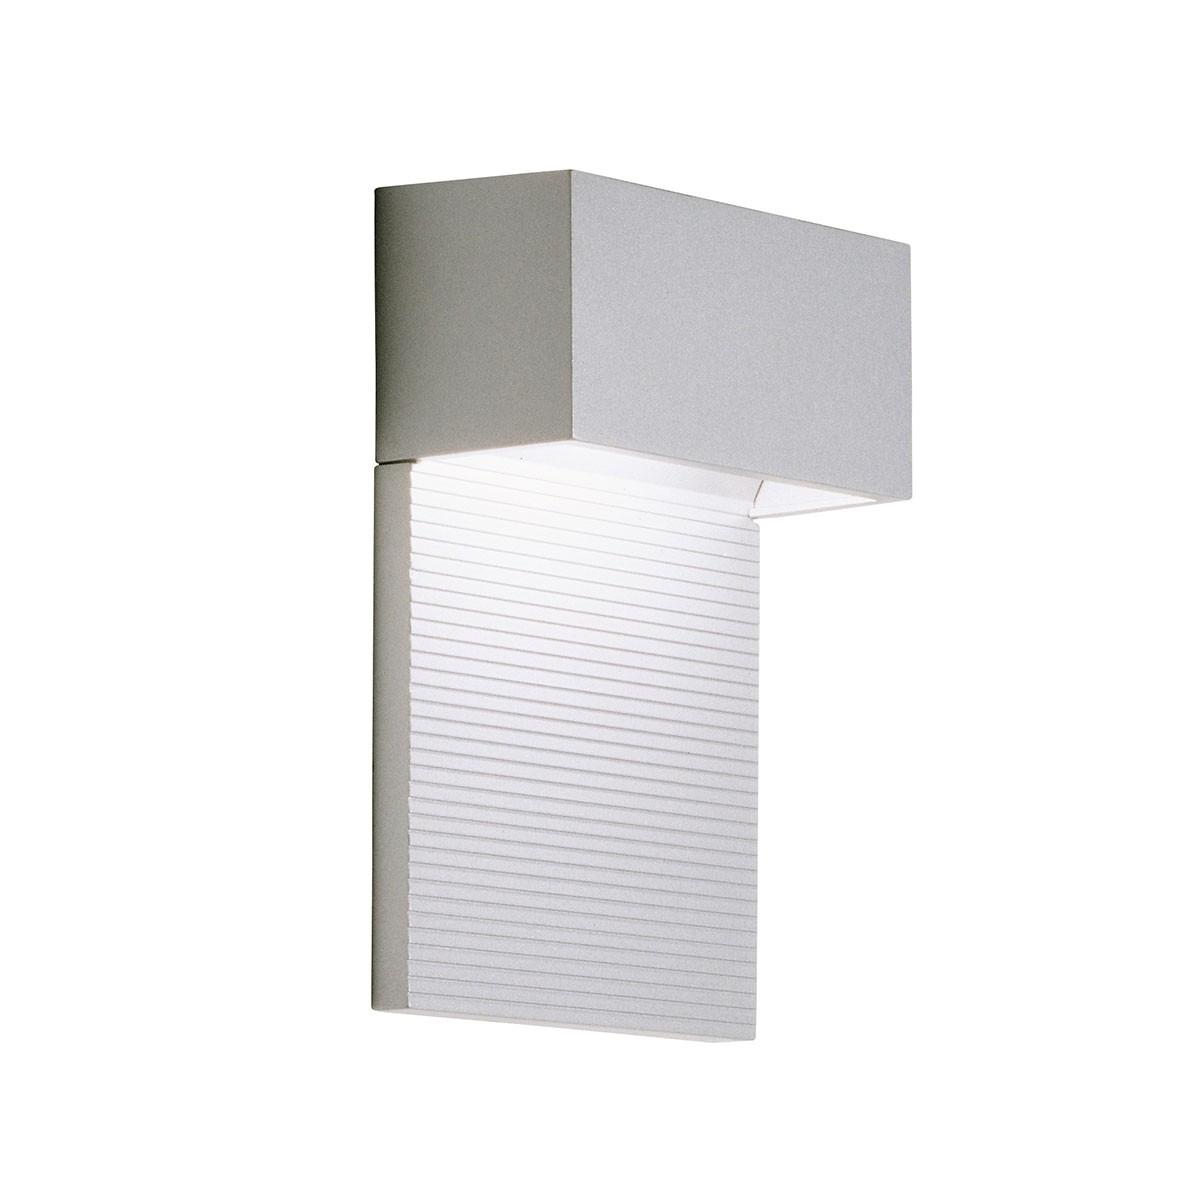 Milan Mini Wandleuchte, Höhe: 15,1 cm, grau lackiert